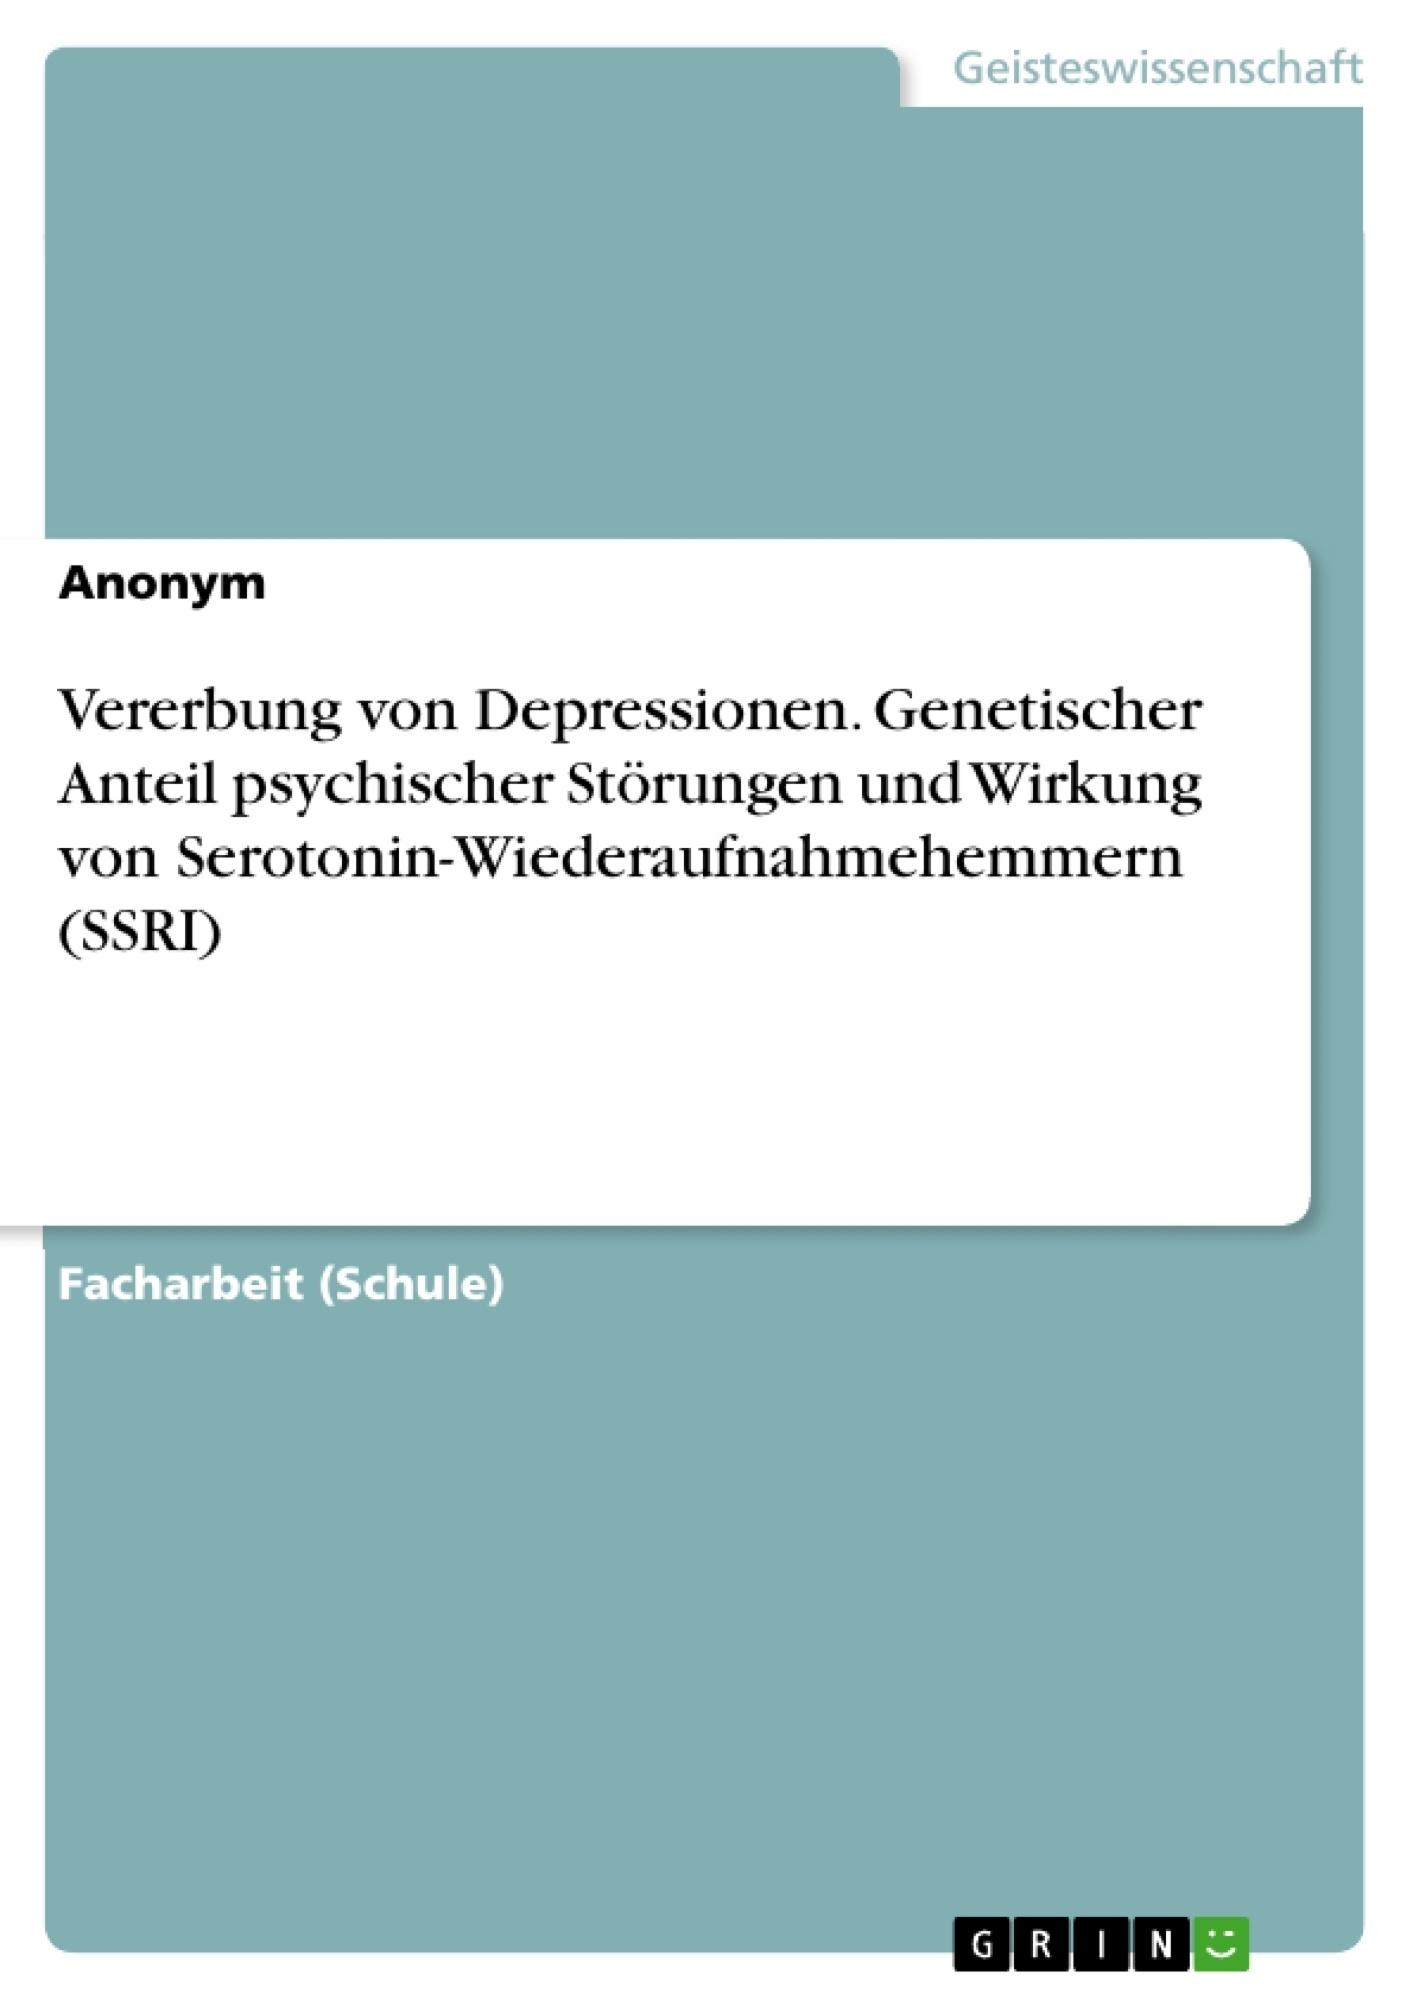 Titel: Vererbung von Depressionen. Genetischer Anteil psychischer Störungen und Wirkung von Serotonin-Wiederaufnahmehemmern (SSRI)